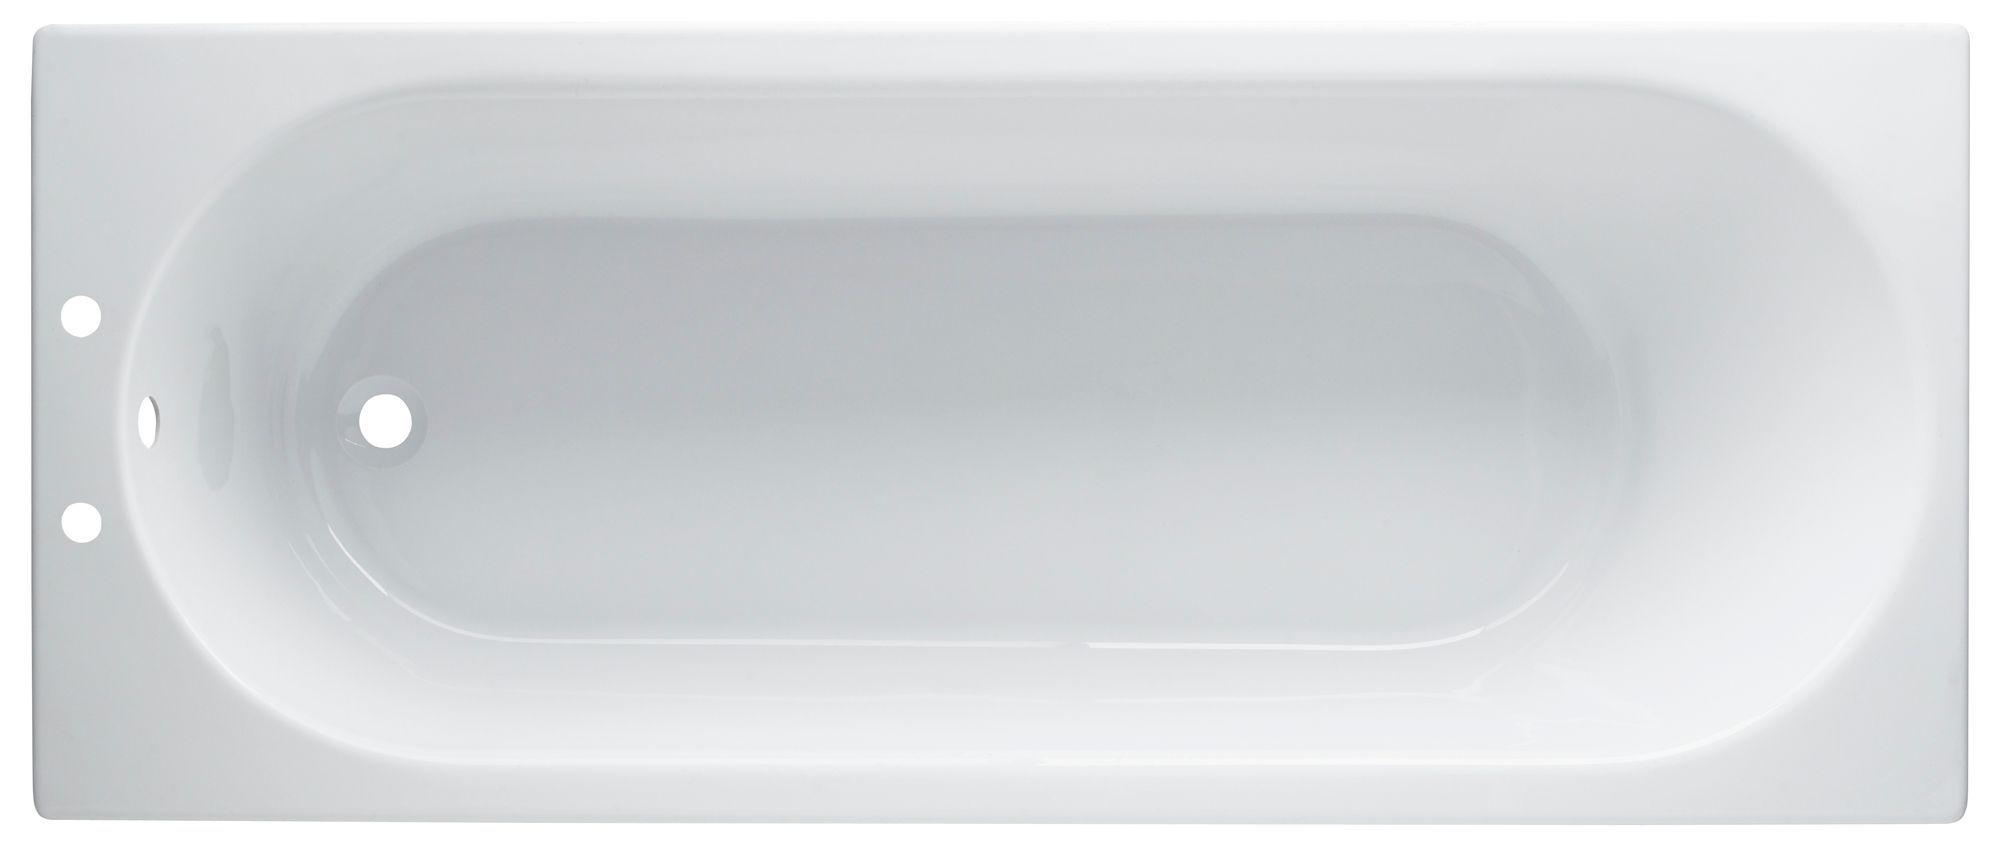 Cooke Lewis Shaftesbury Acrylic Rectangular Straight Bath L 1600mm W 700mm Departments Diy At B Q Straight Baths Bath Bathroom Layout